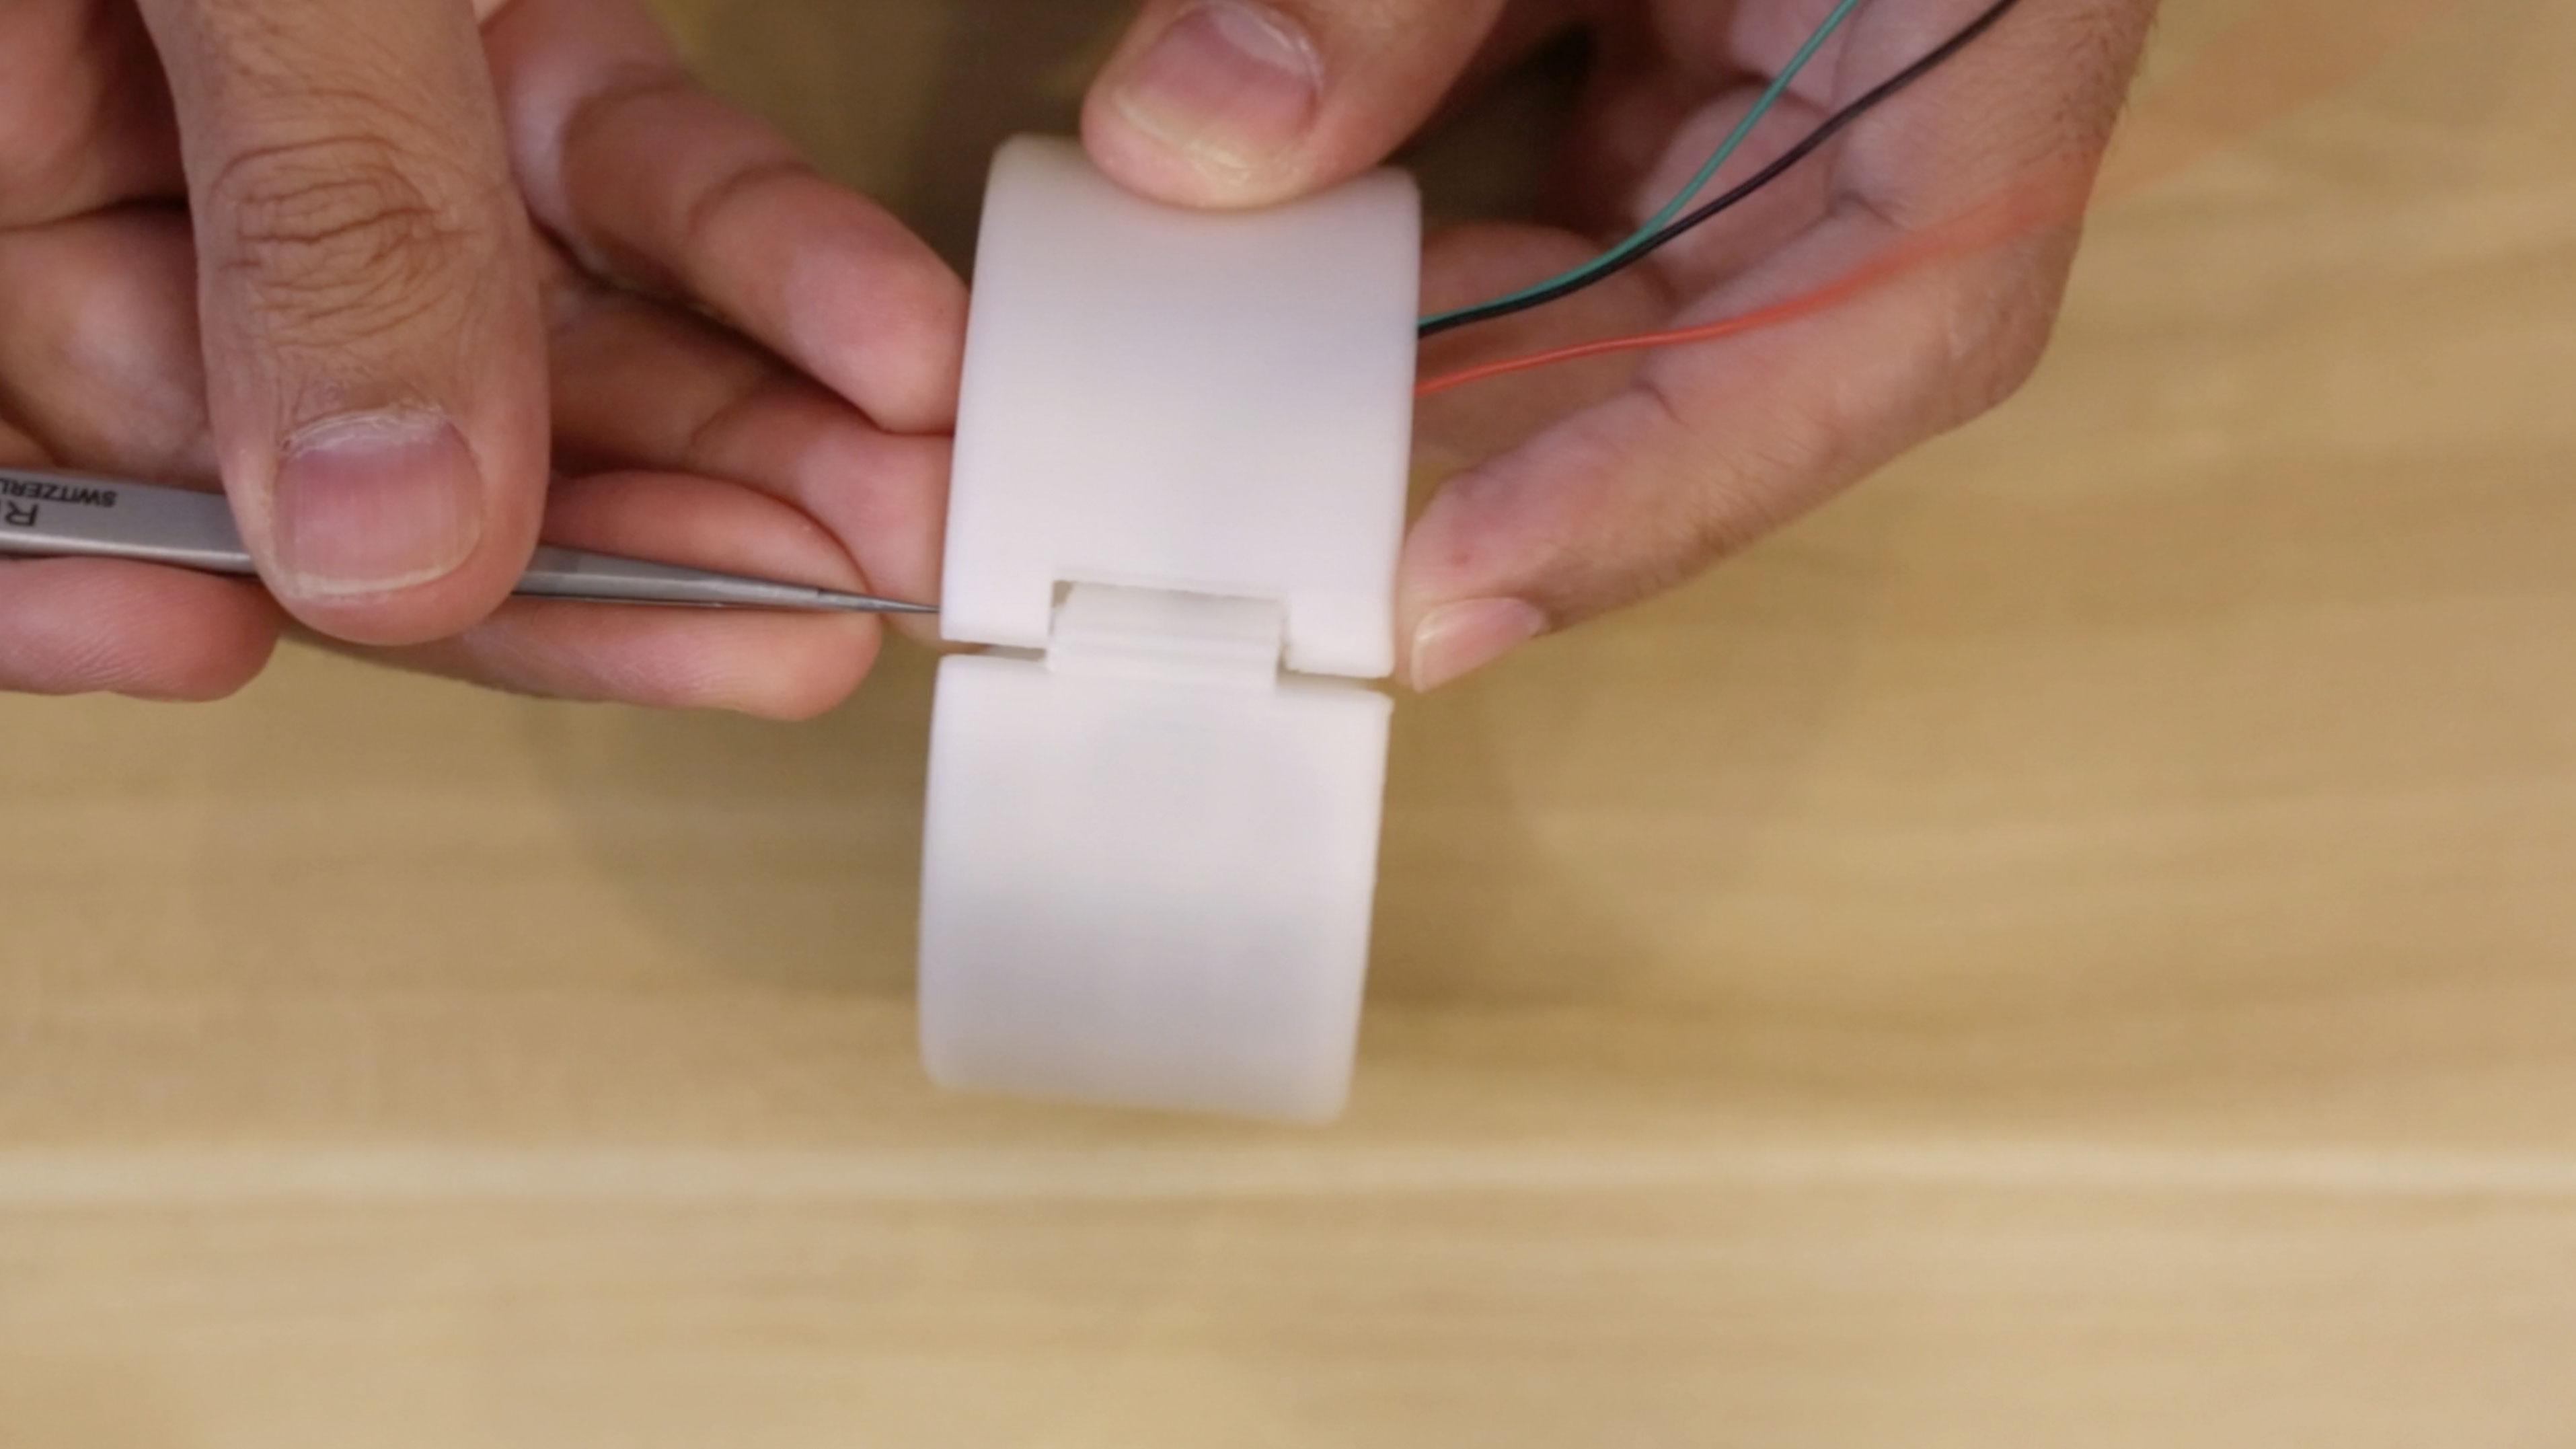 led_strips_led-strip-hinge-clip-jam.jpg